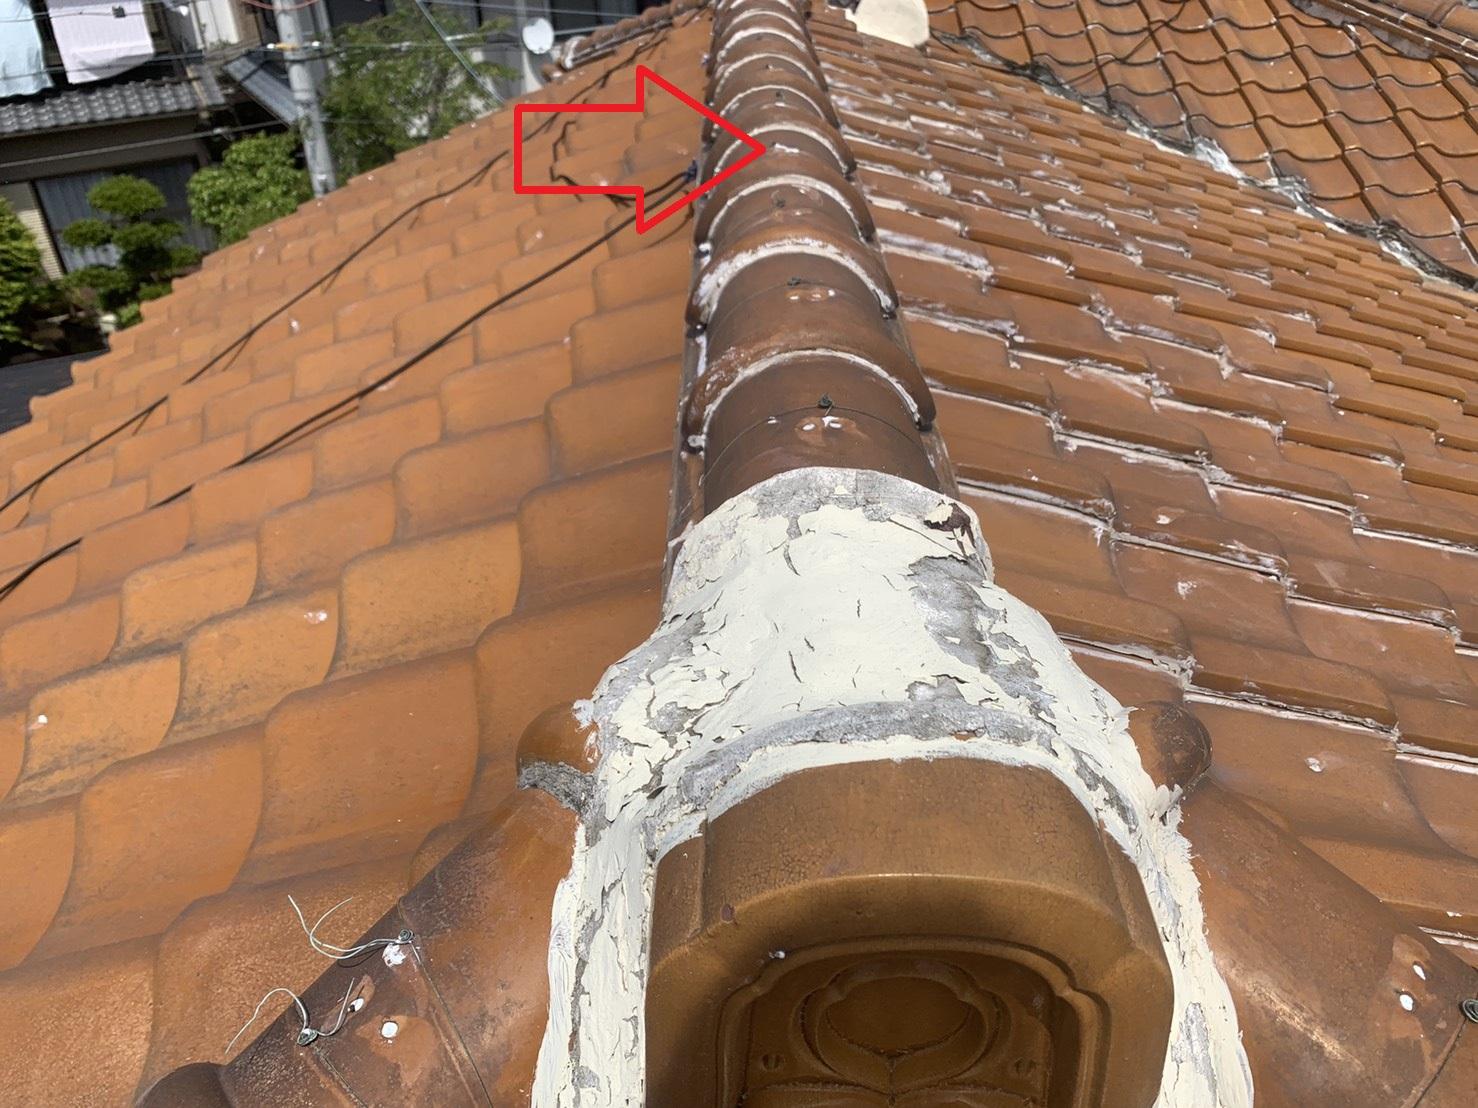 神戸市西区での瓦屋根調査で棟瓦を考察